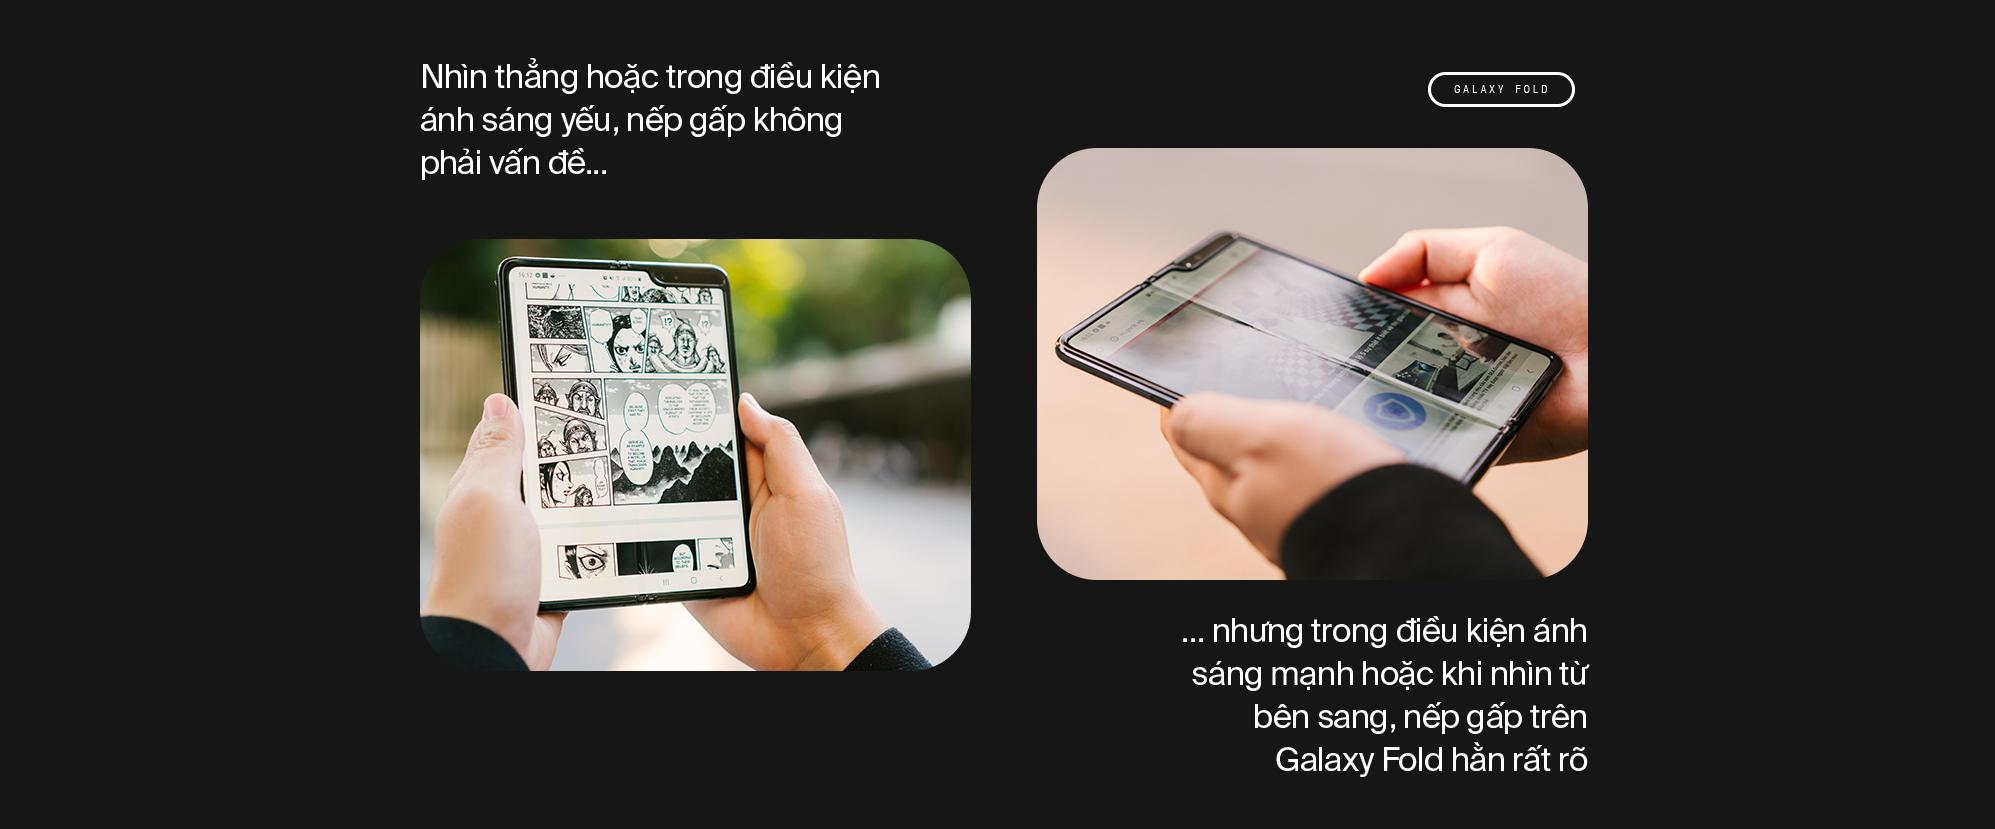 """Bỏ iPhone 11 Pro Max qua dùng Galaxy Fold: như xa vợ con để tìm """"thứ mới"""" - Ảnh 15."""